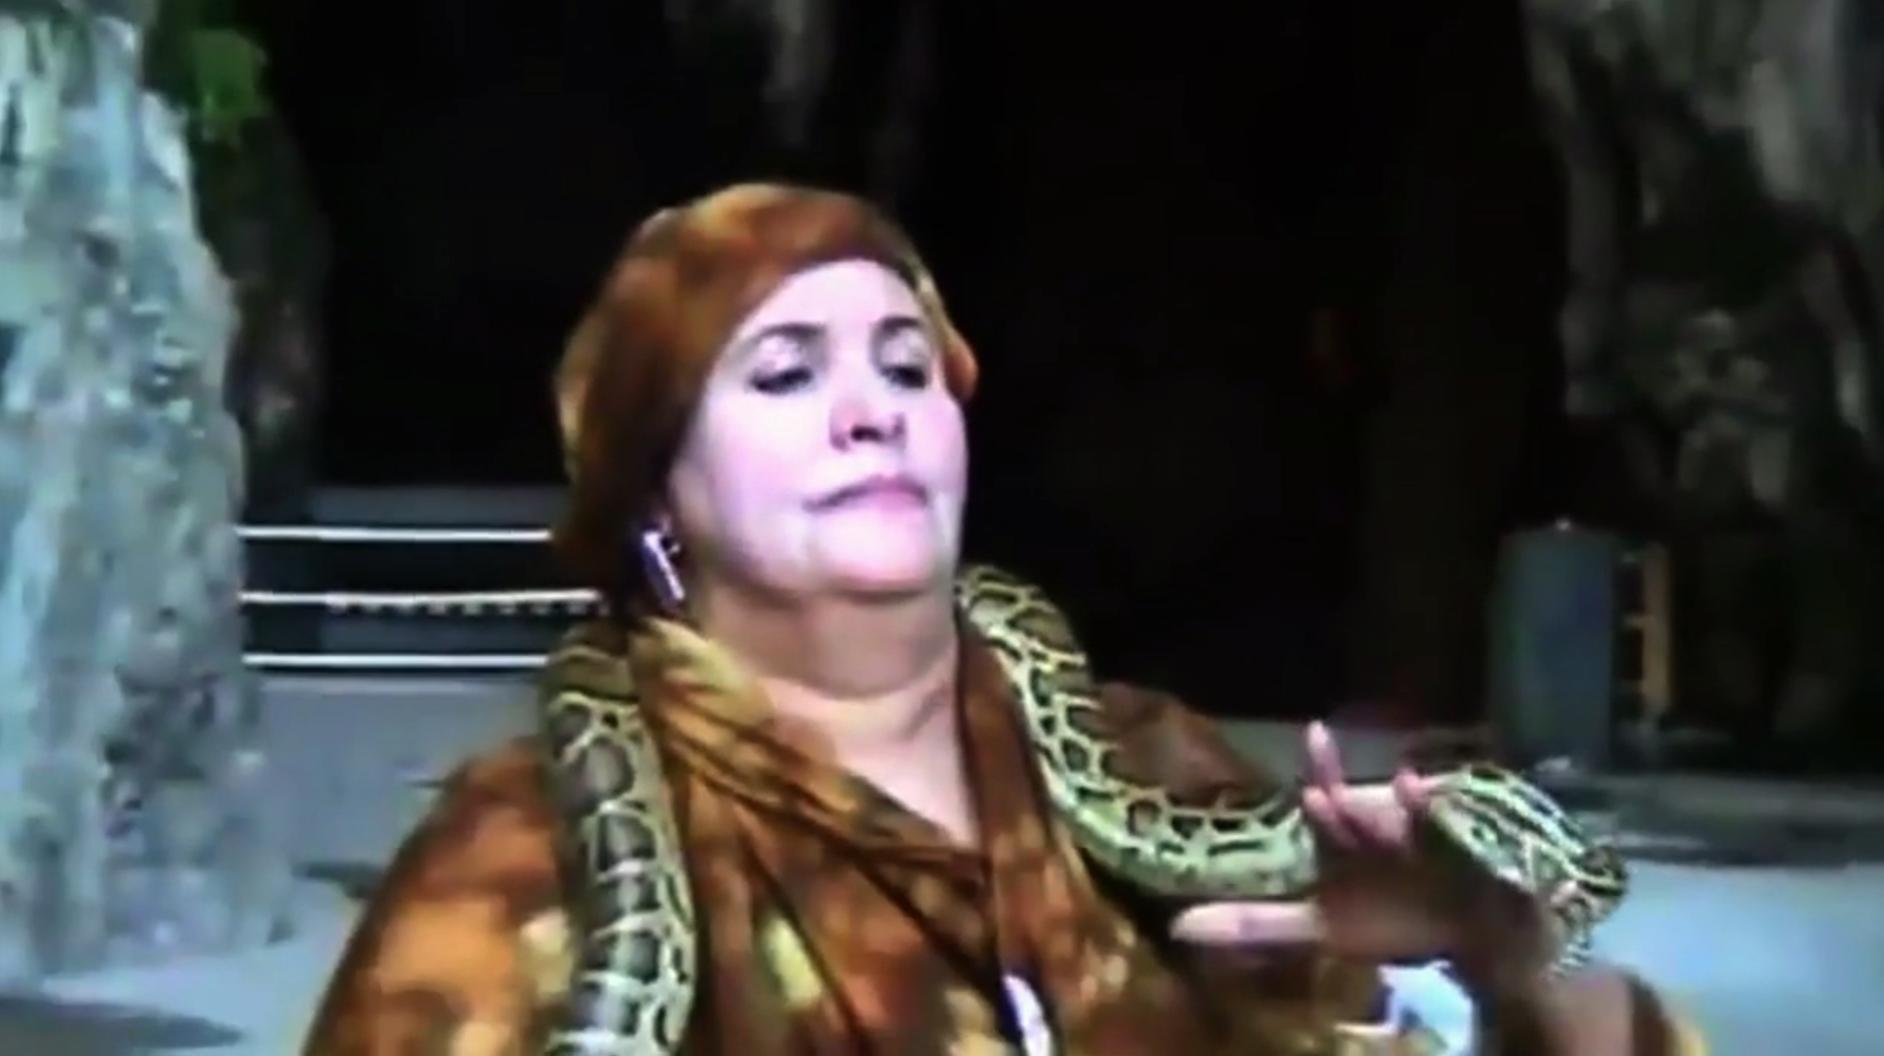 Safia khadafi